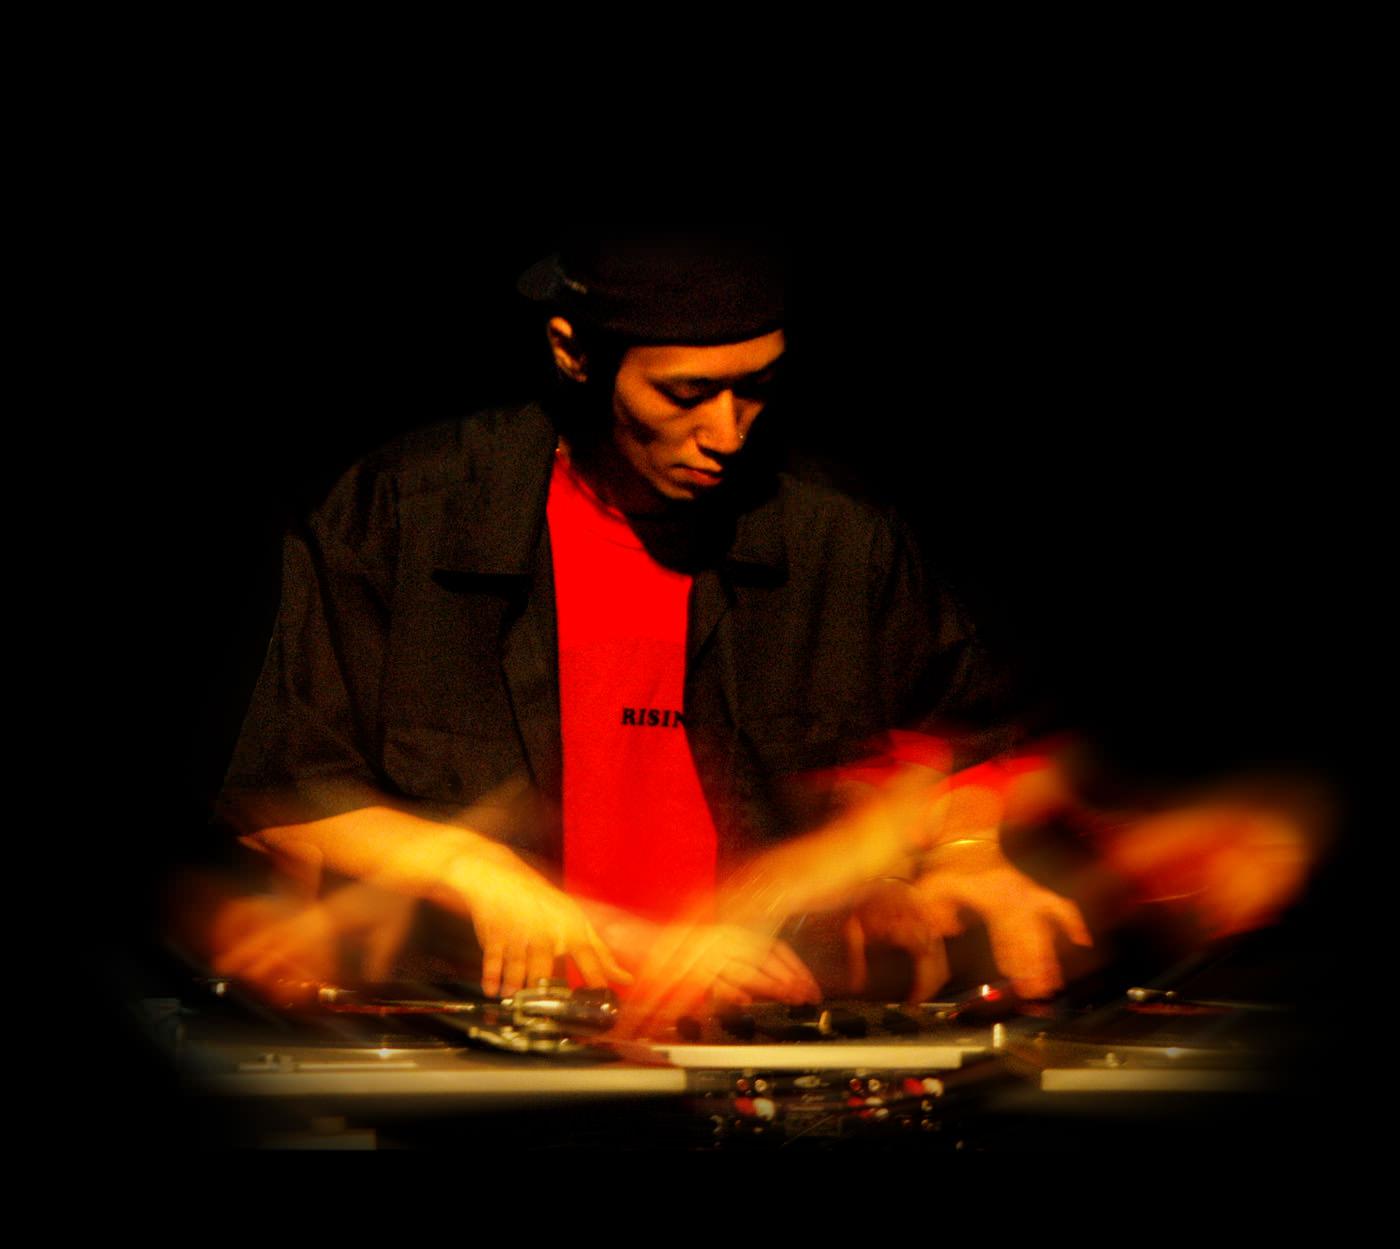 DJ_AKAKABE